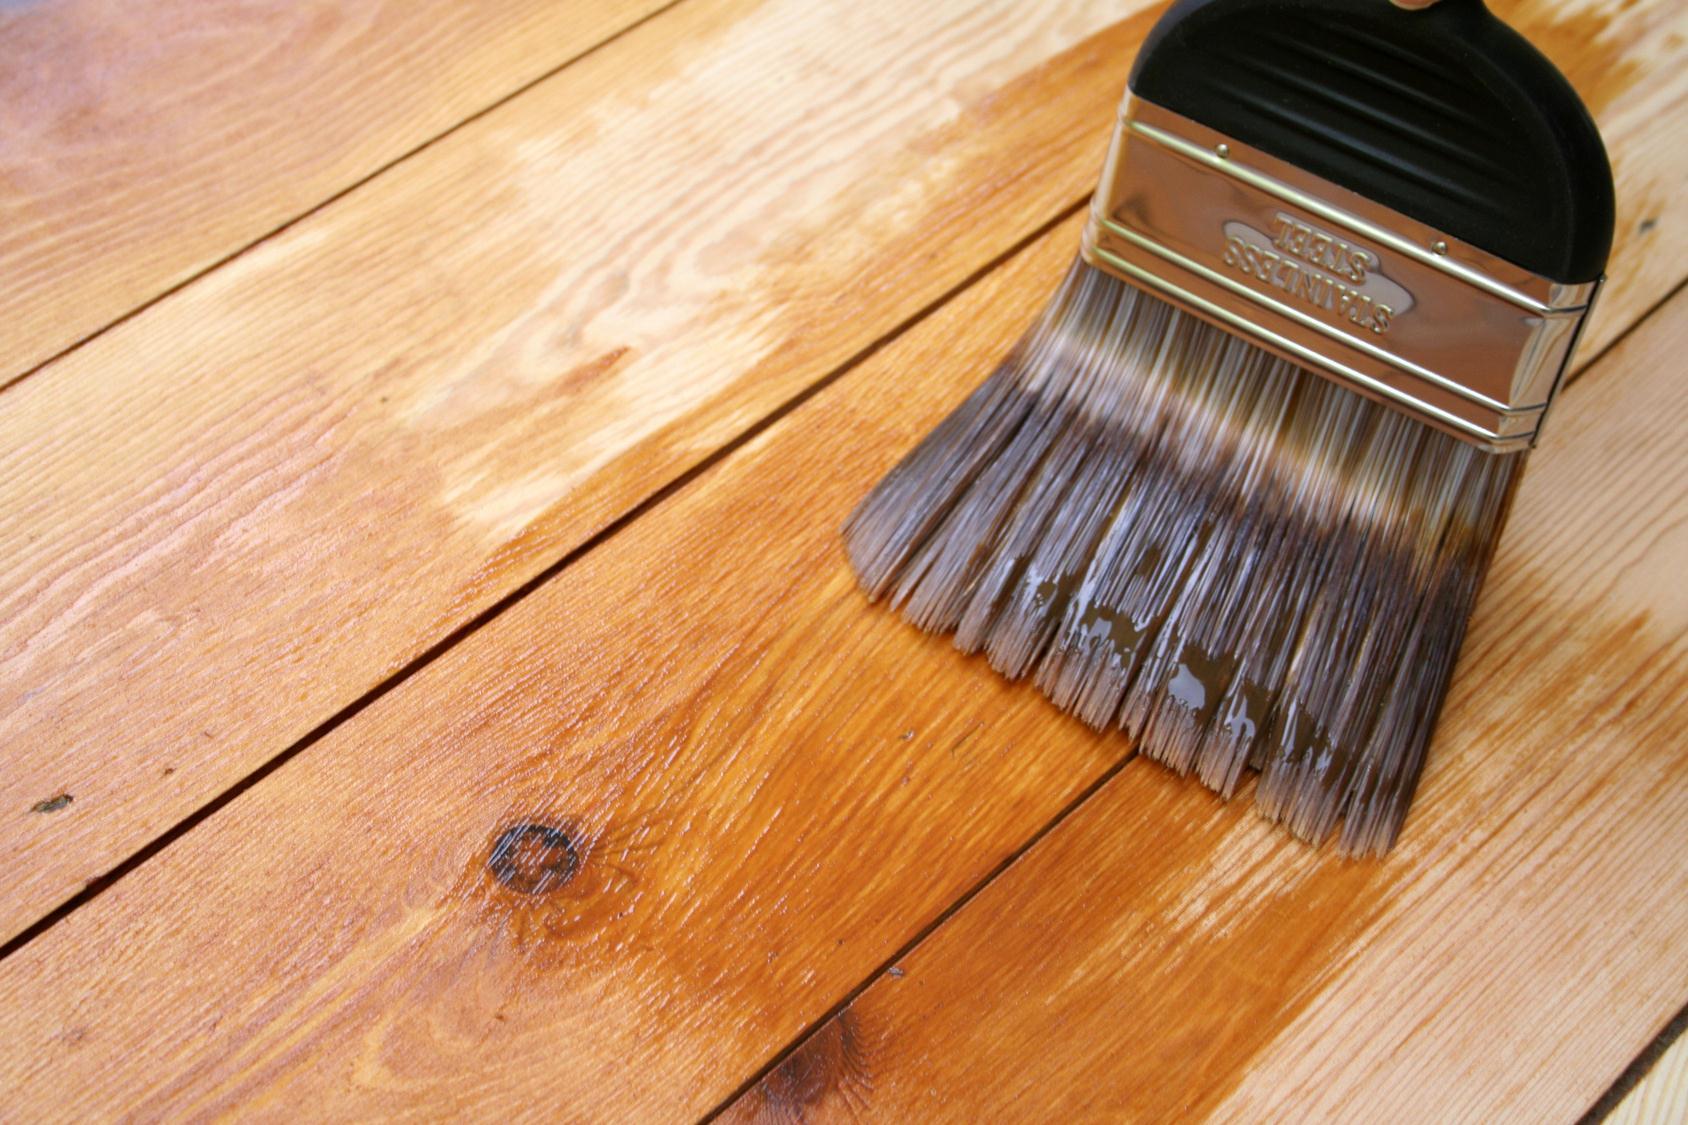 Нанесение лака для защиты деревянной поверхности пола беседки